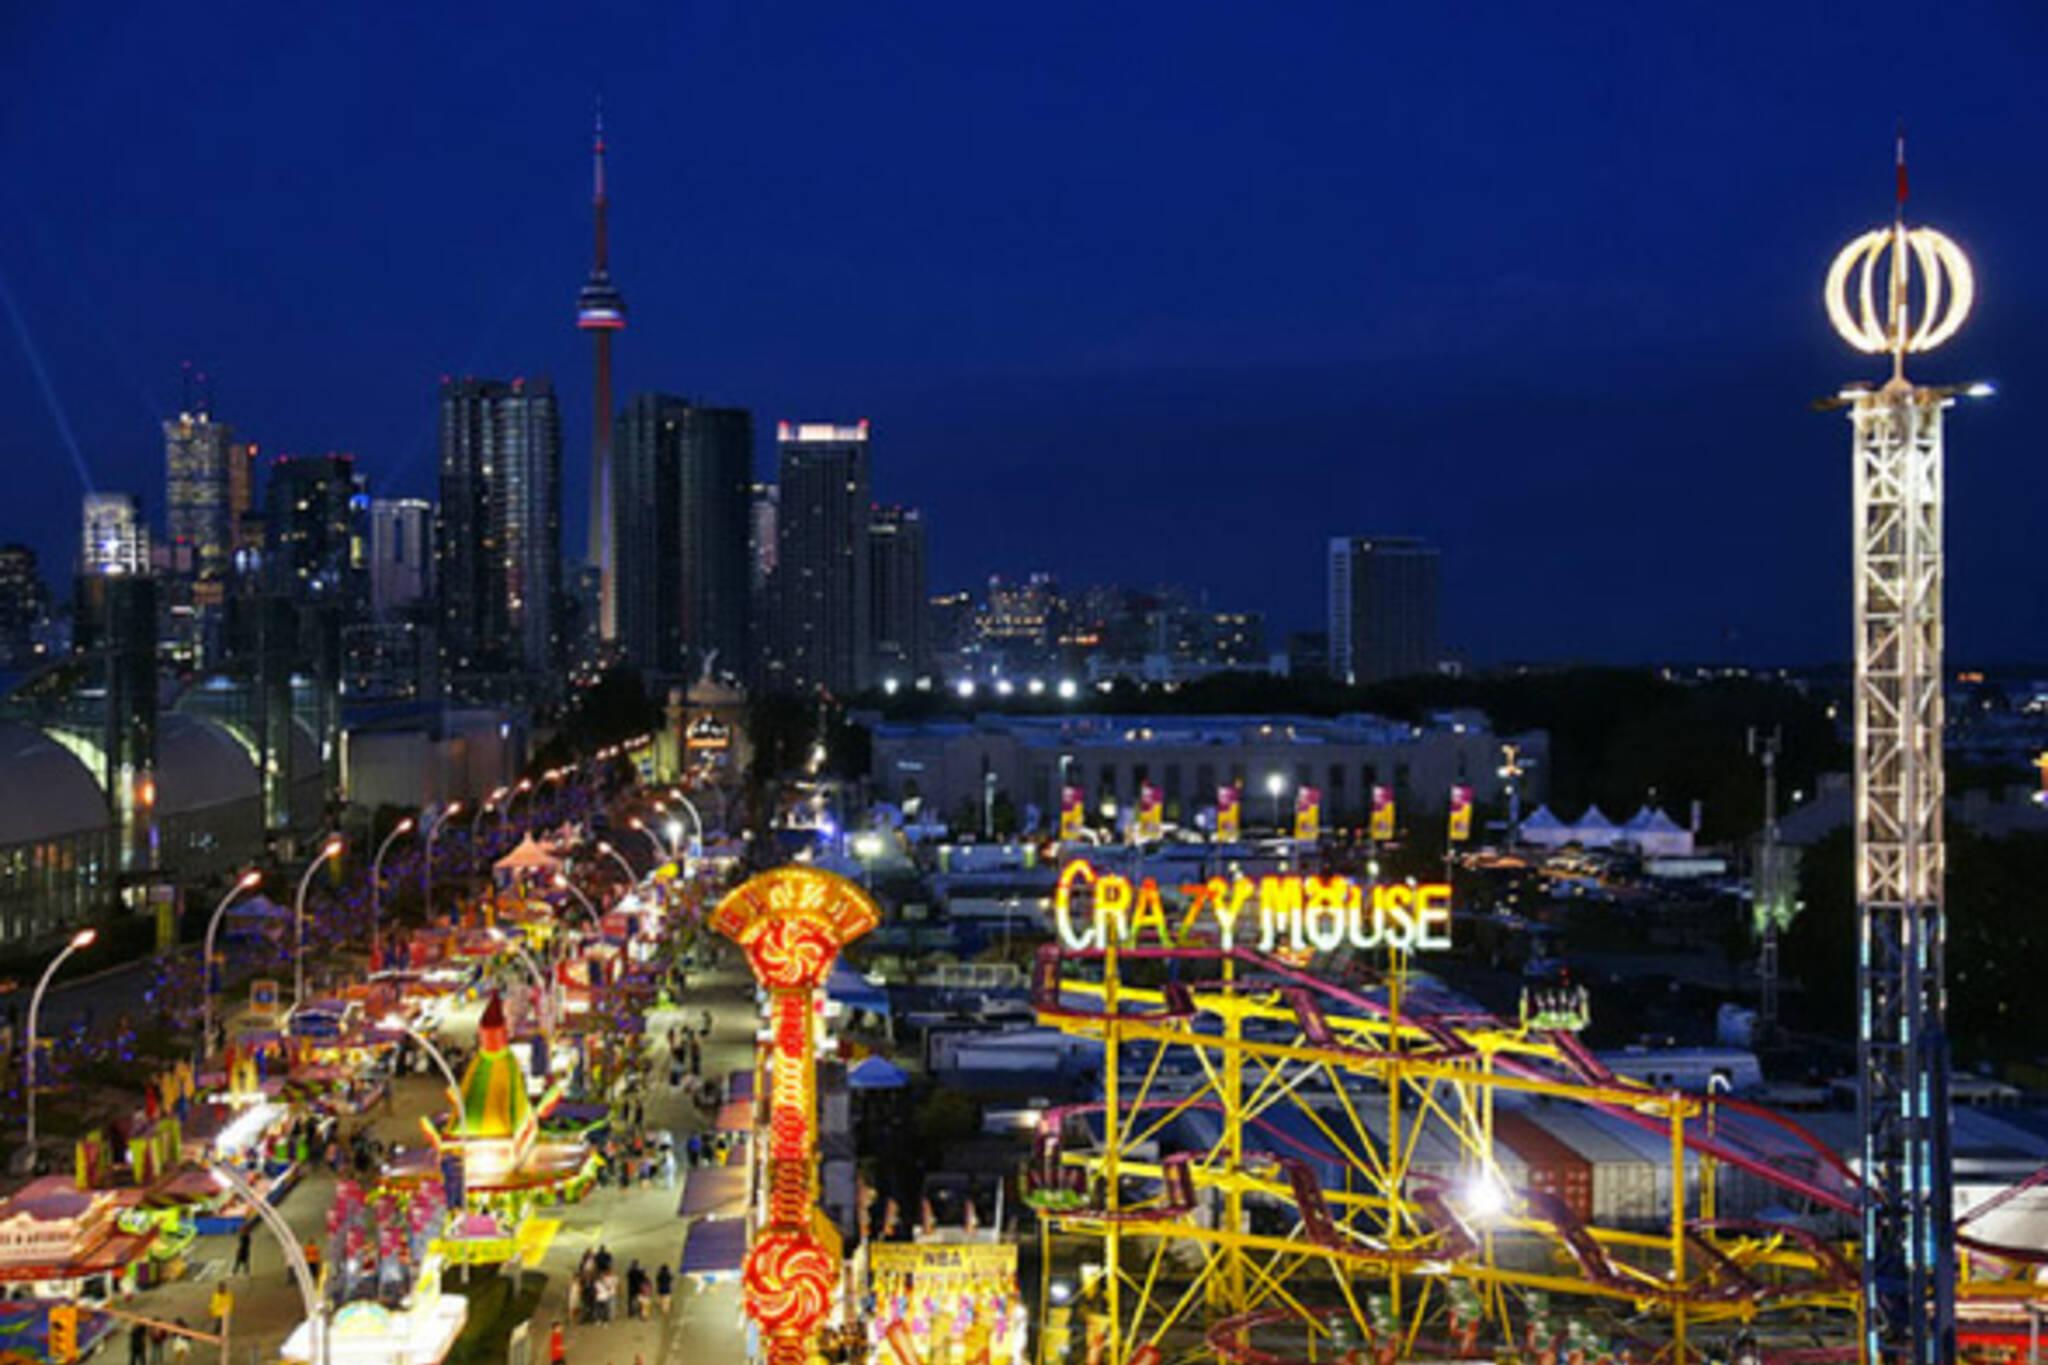 CNE Toronto 2010